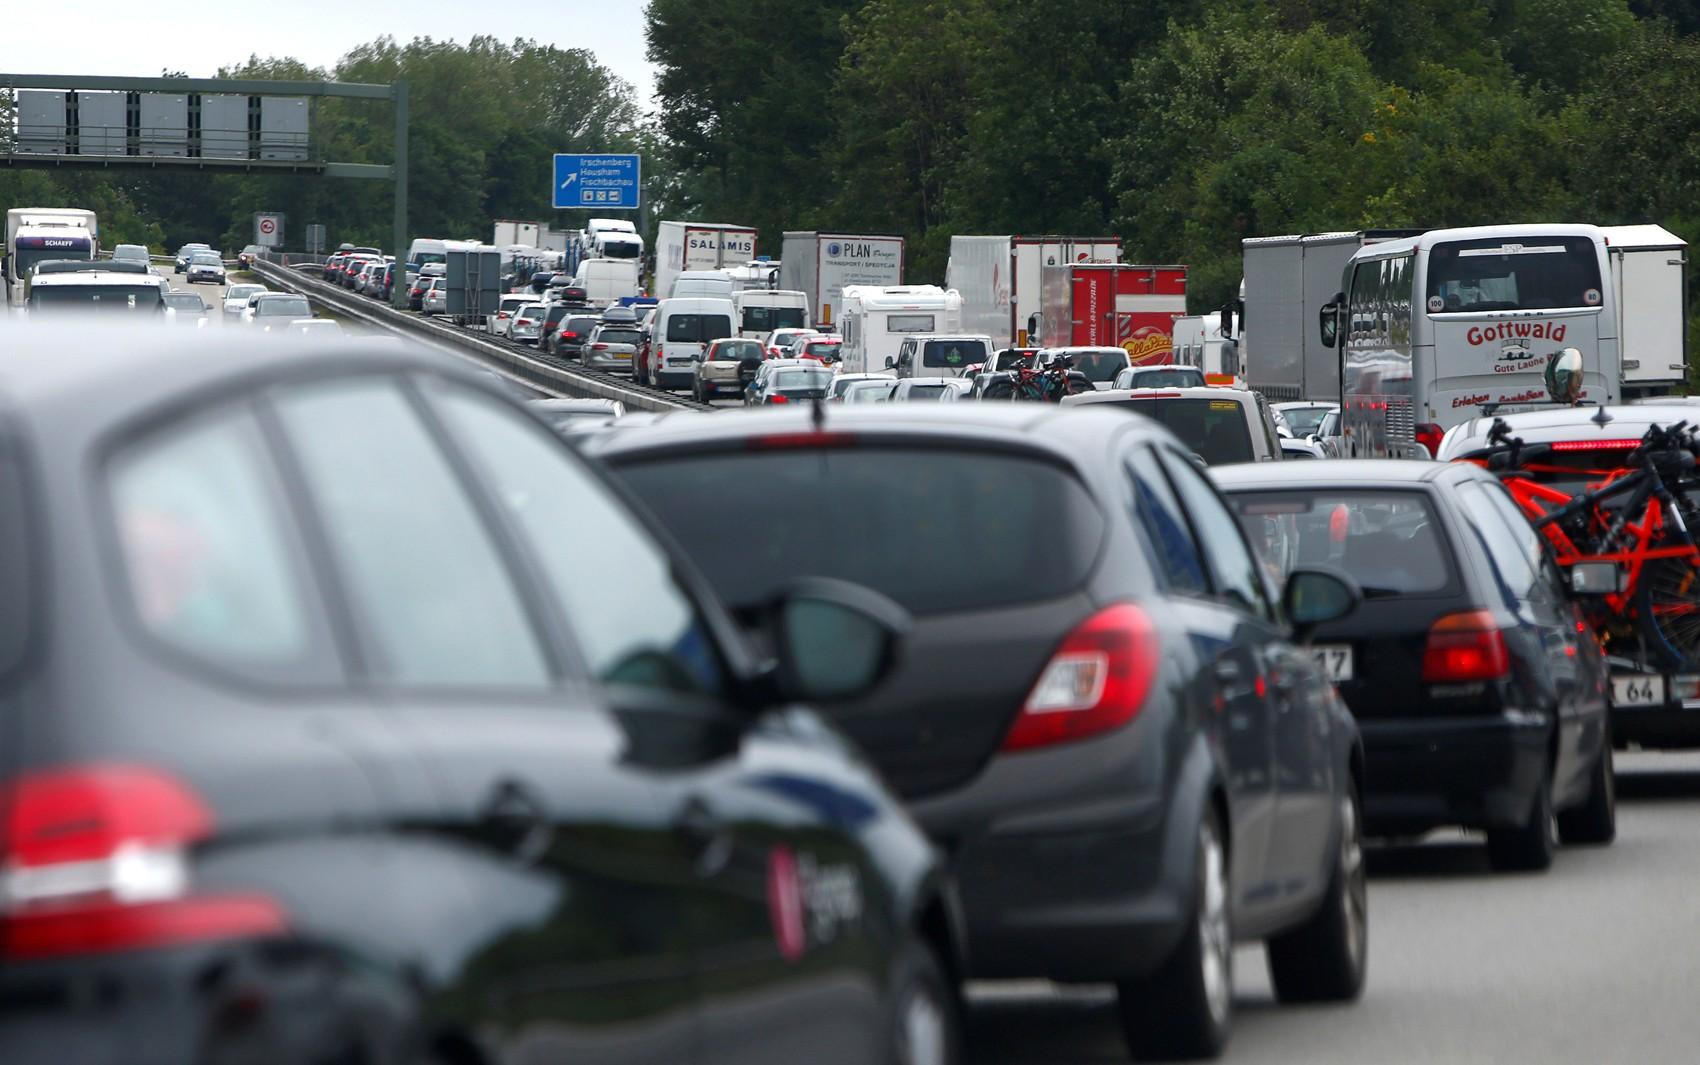 União Europeia se compromete a cortar emissões de carros em 37,5% até 2030